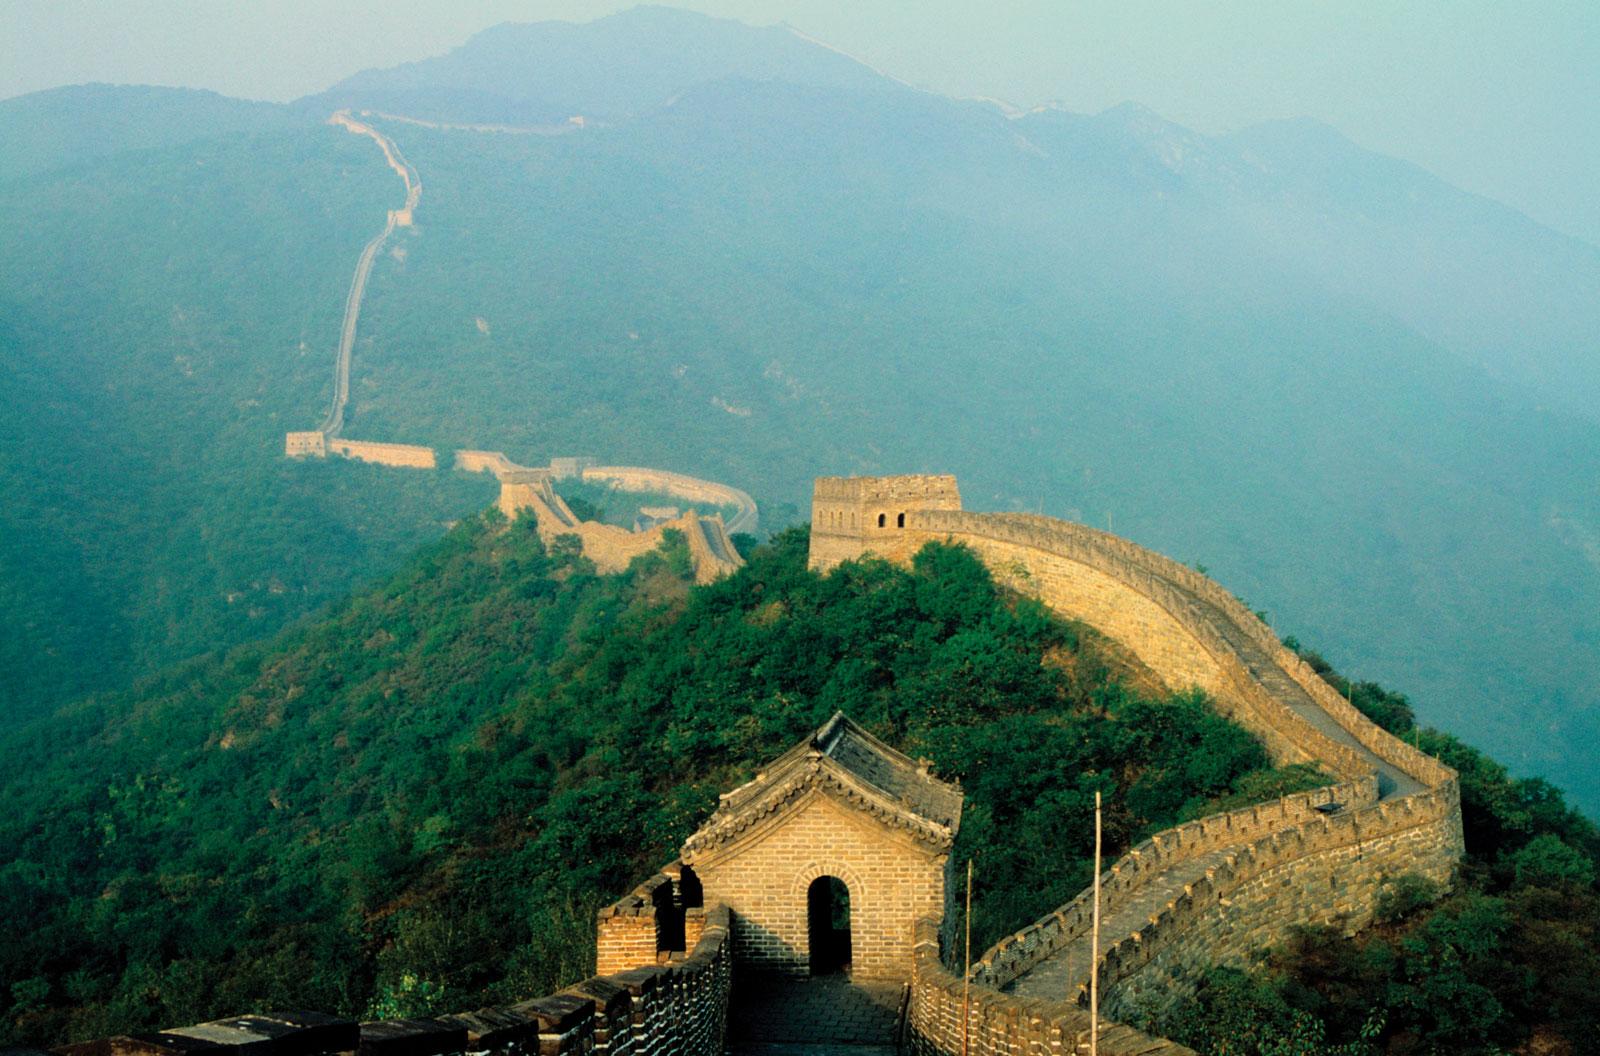 كل ما تود معرفته عن سور الصين العظيم أنا أصدق العلم